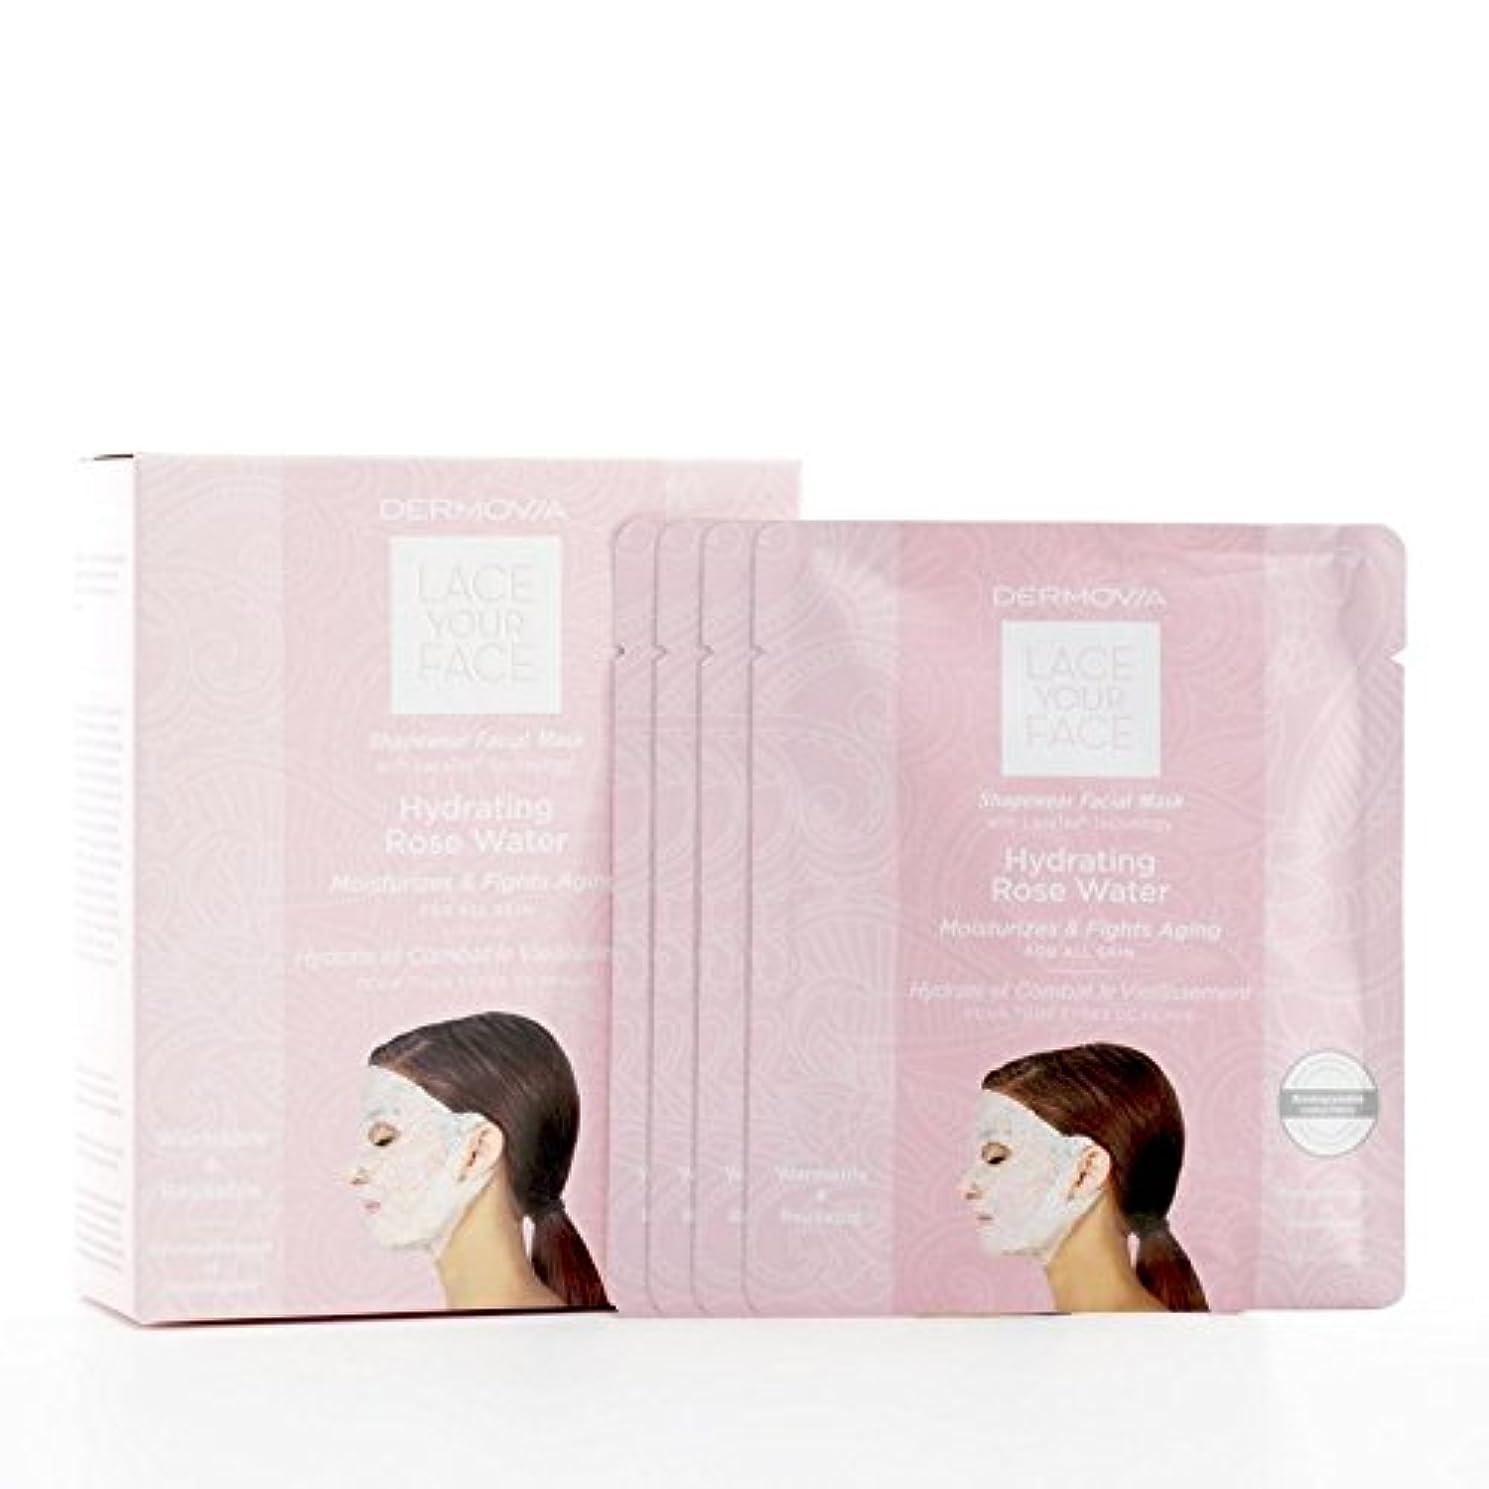 彼女のストッキング虫を数えるは、あなたの顔の圧縮フェイシャルマスク水和が水をバラレース x4 - Dermovia Lace Your Face Compression Facial Mask Hydrating Rose Water (Pack of 4) [並行輸入品]